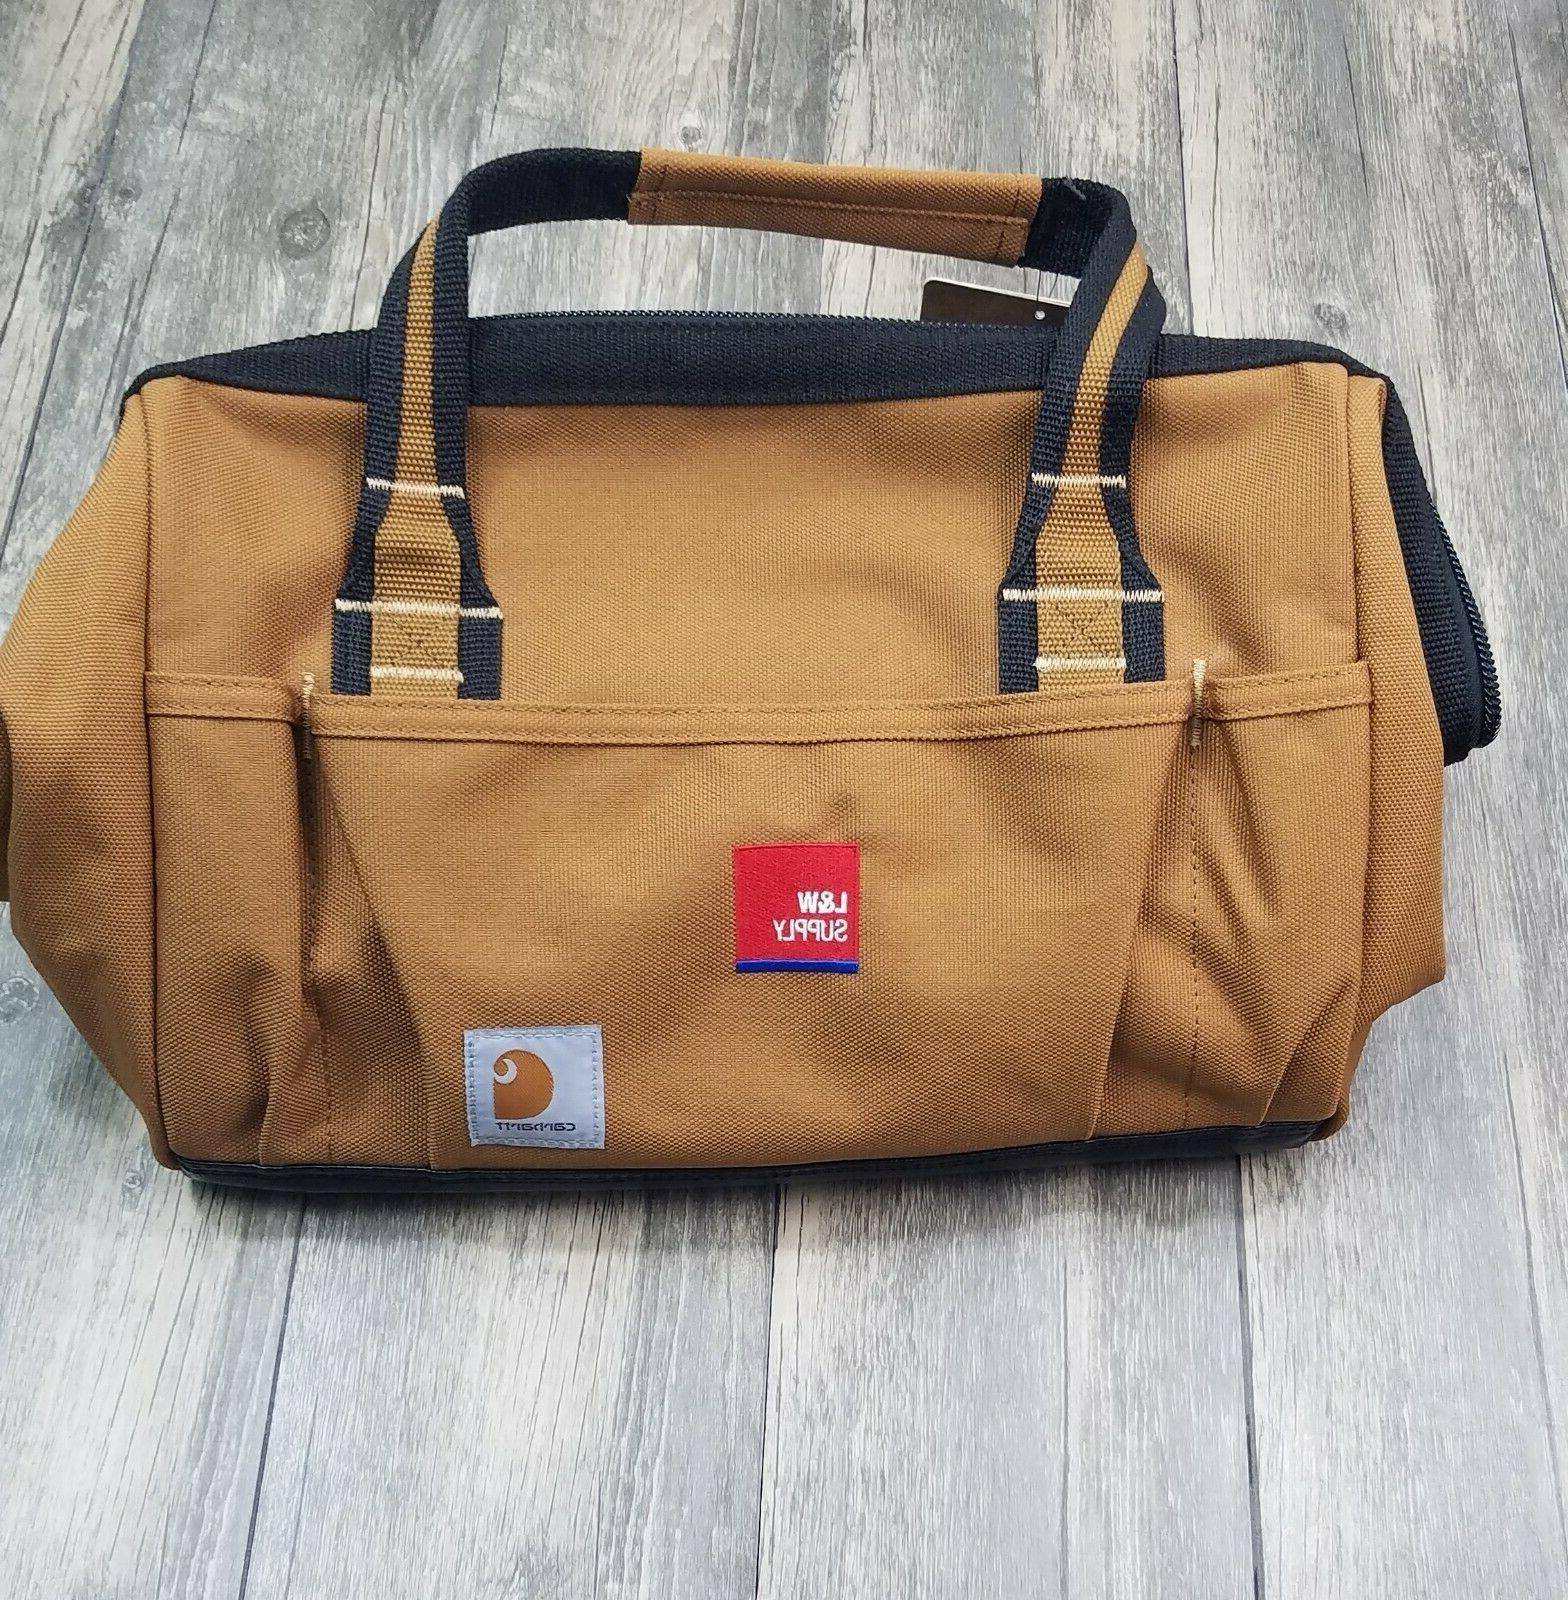 new heritage series 14 tool bag multiple